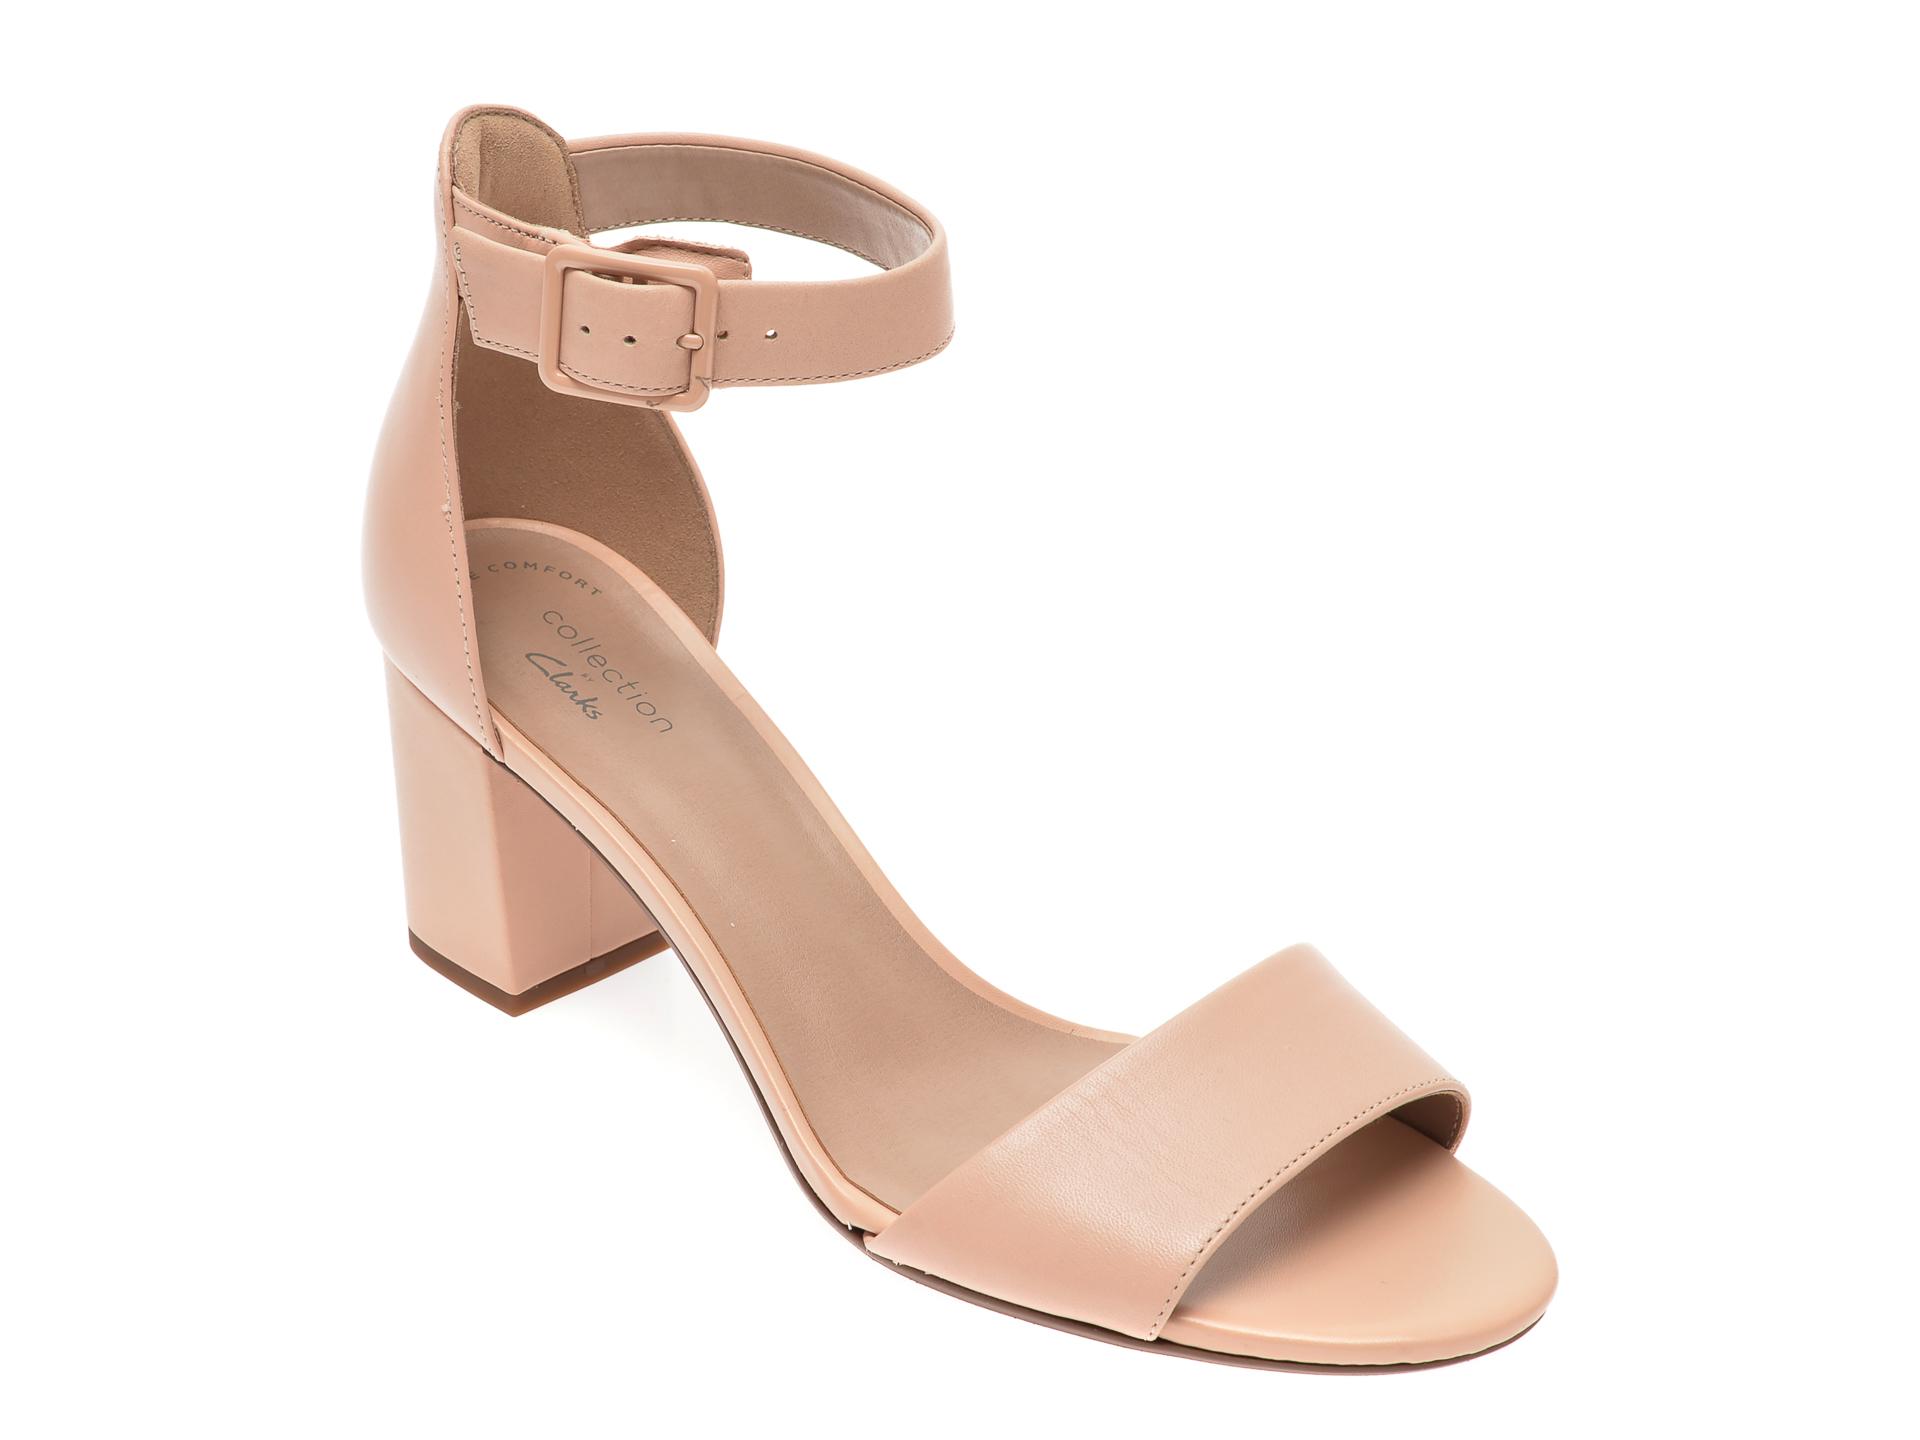 Sandale CLARKS nude, Deva Mae, din piele naturala New